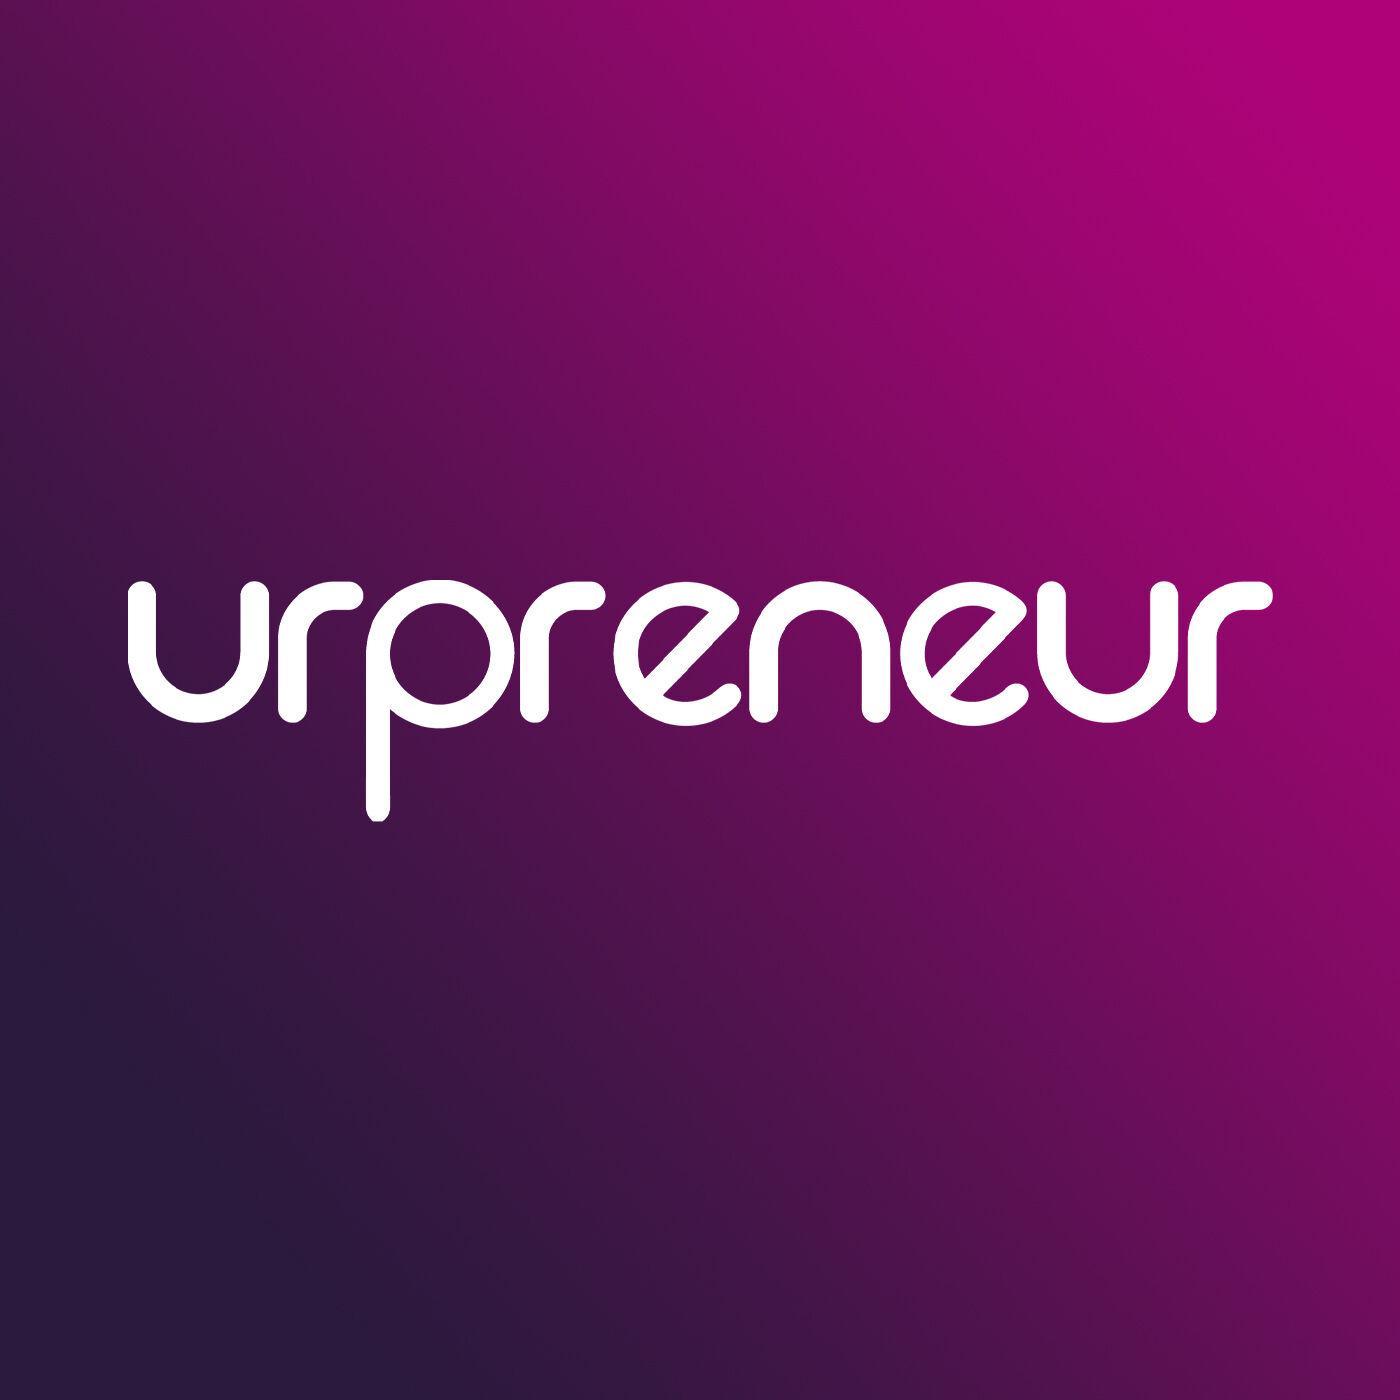 Urpreneur